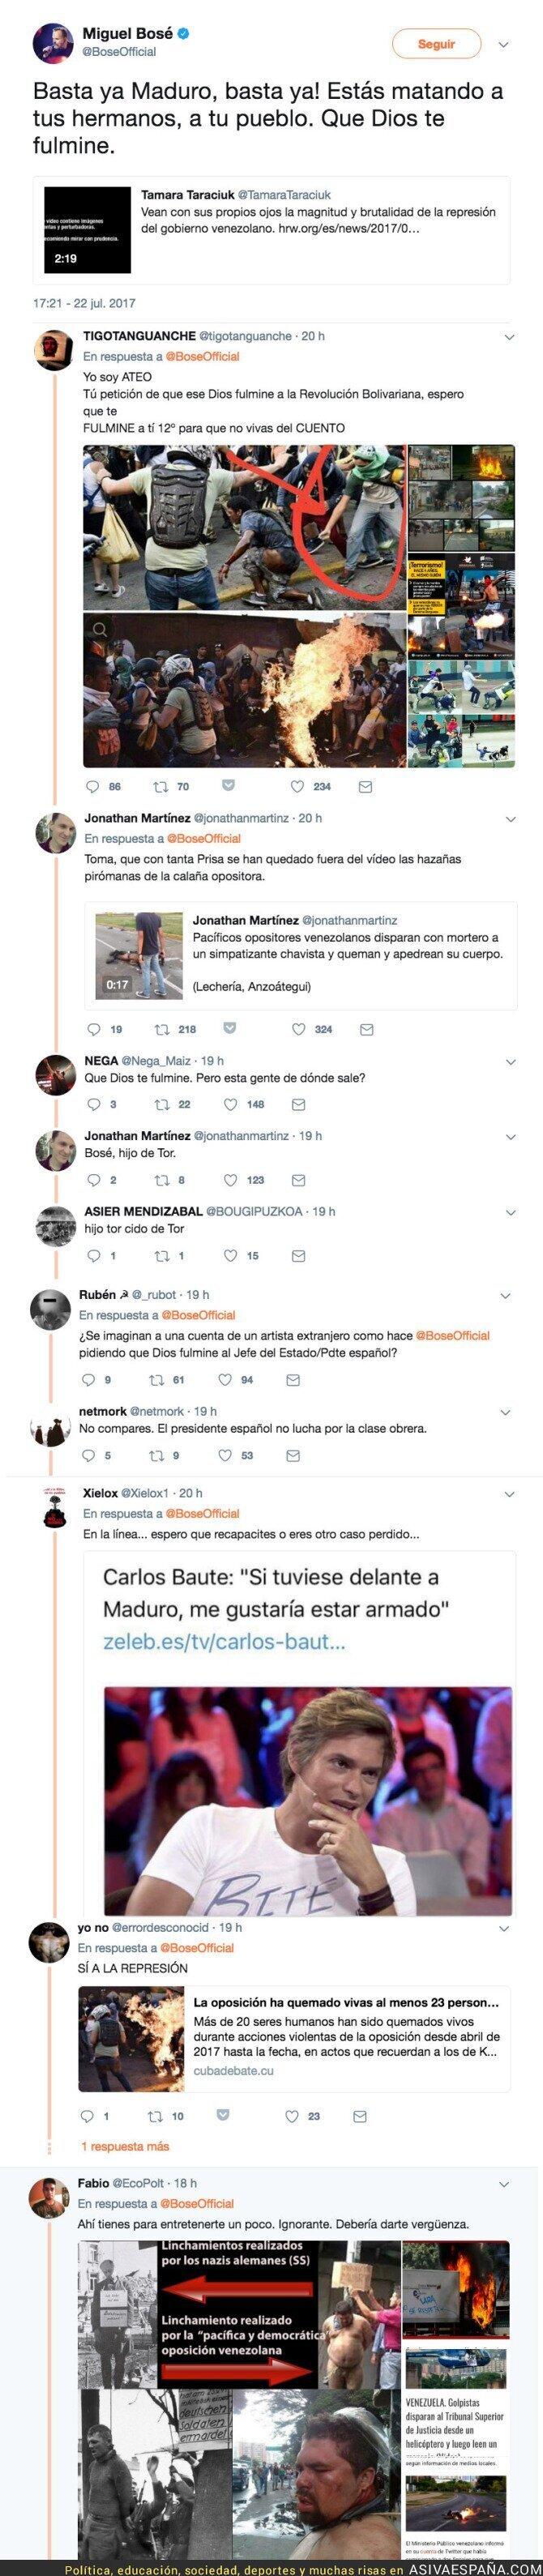 72025 - Miguel Bosé pide que Dios fulmine a Maduro y Twitter le recuerda las cosas que hace la oposición